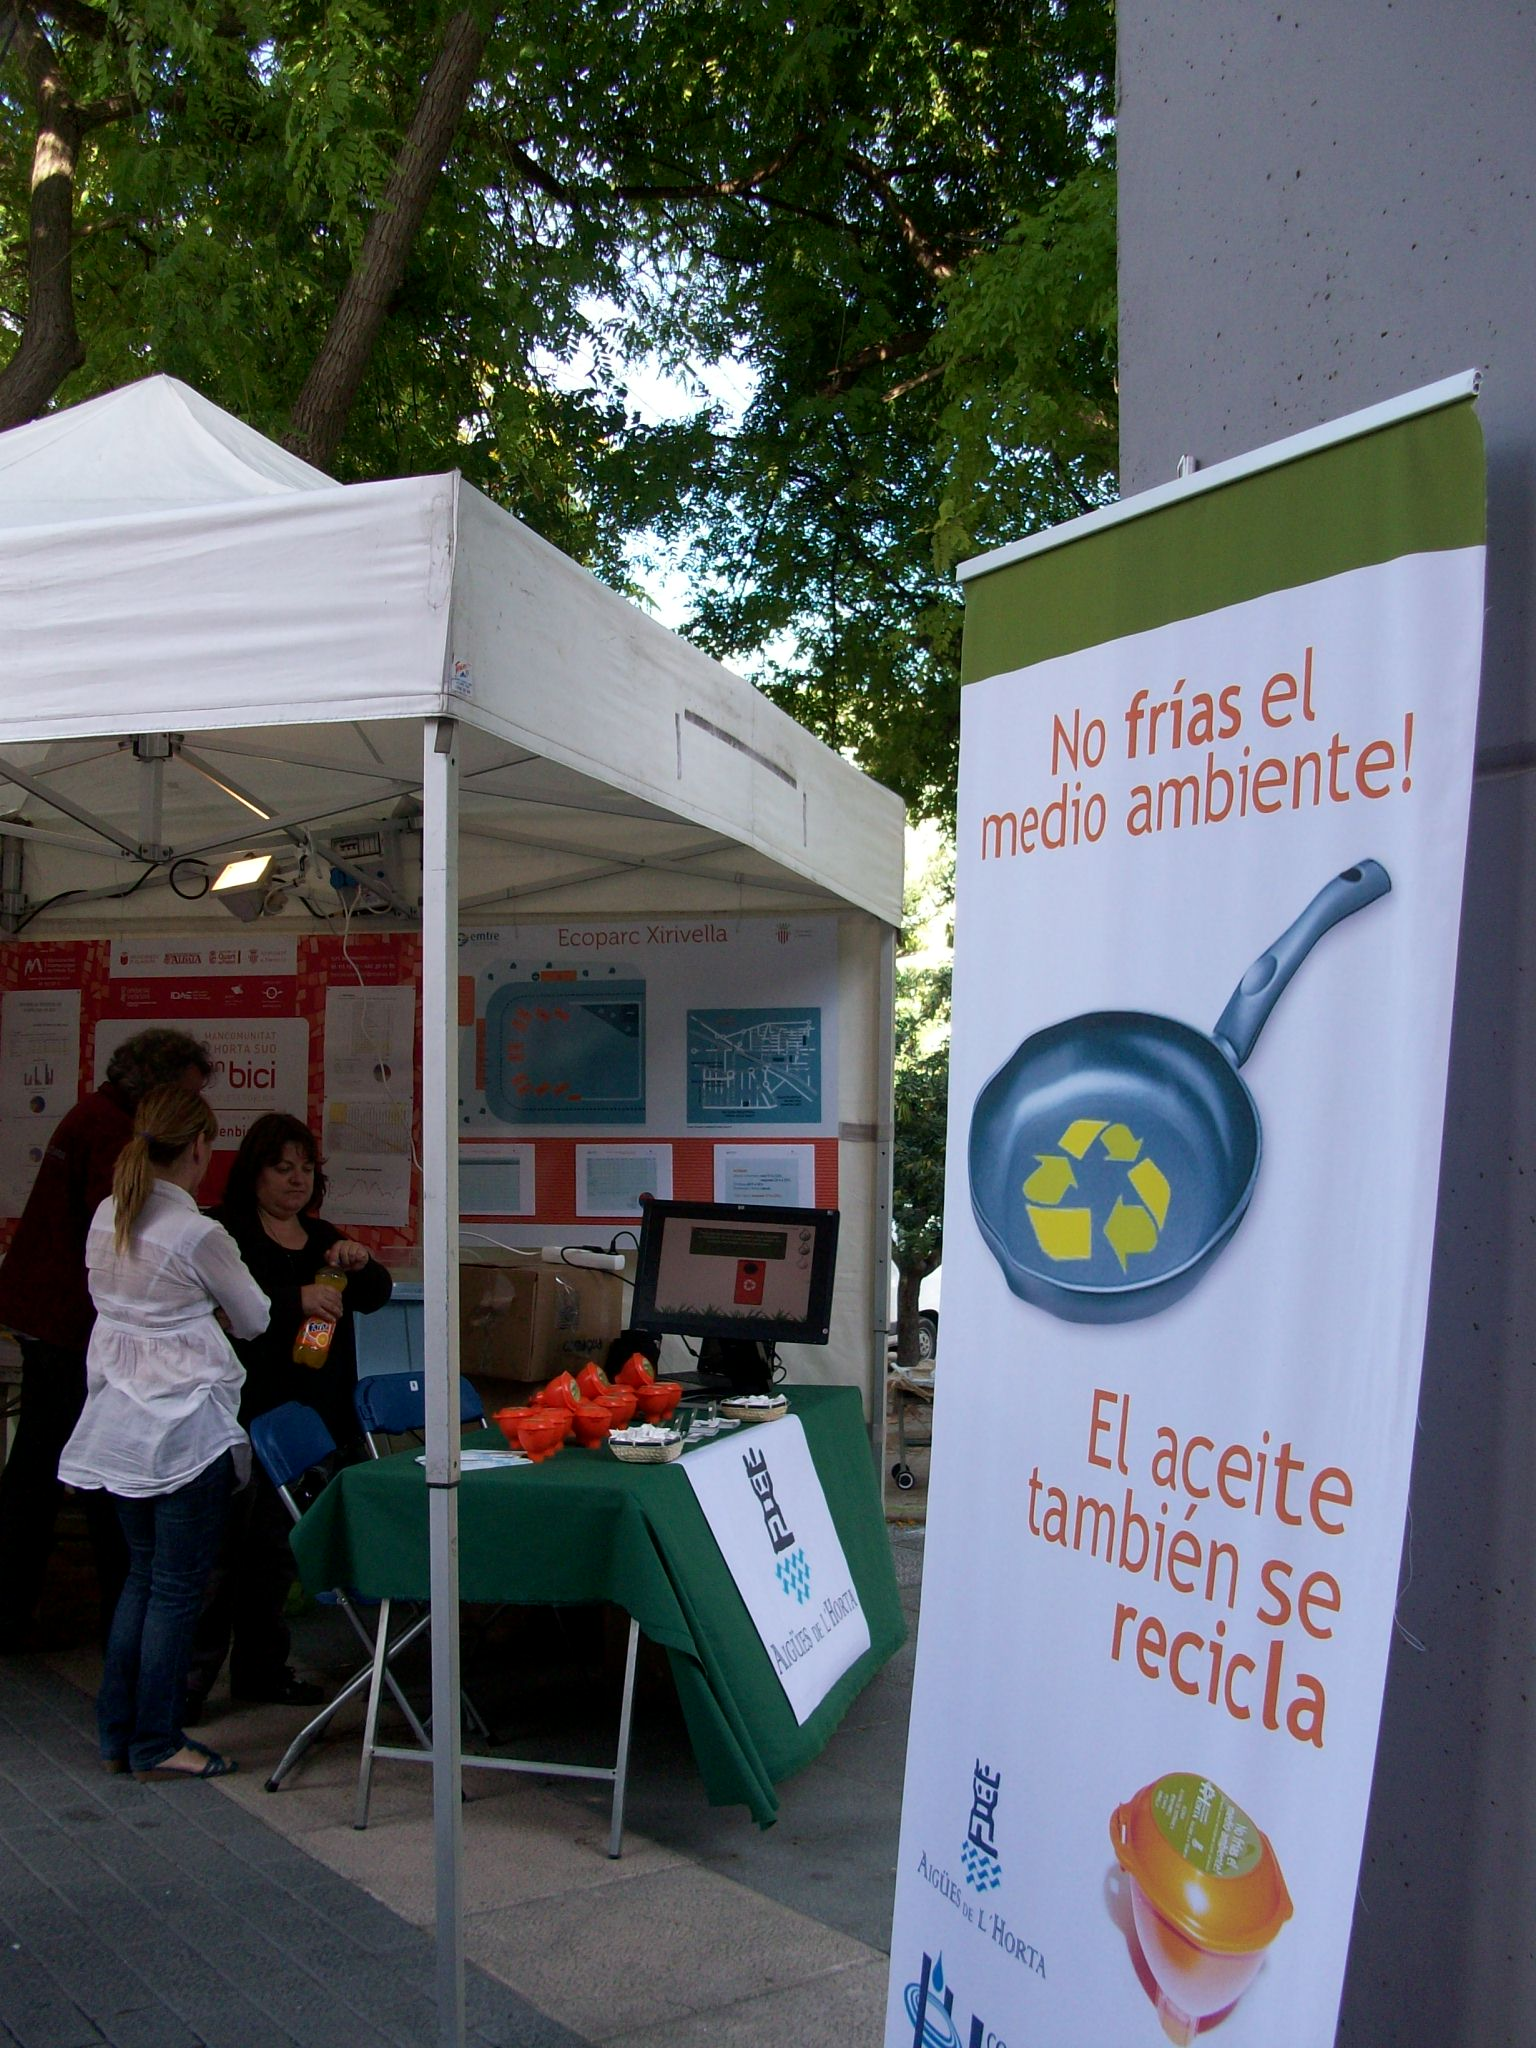 La campaña de recogida de aceite doméstico de Aigües de l'Horta impide la contaminación de más de 6 millones de litros de agua